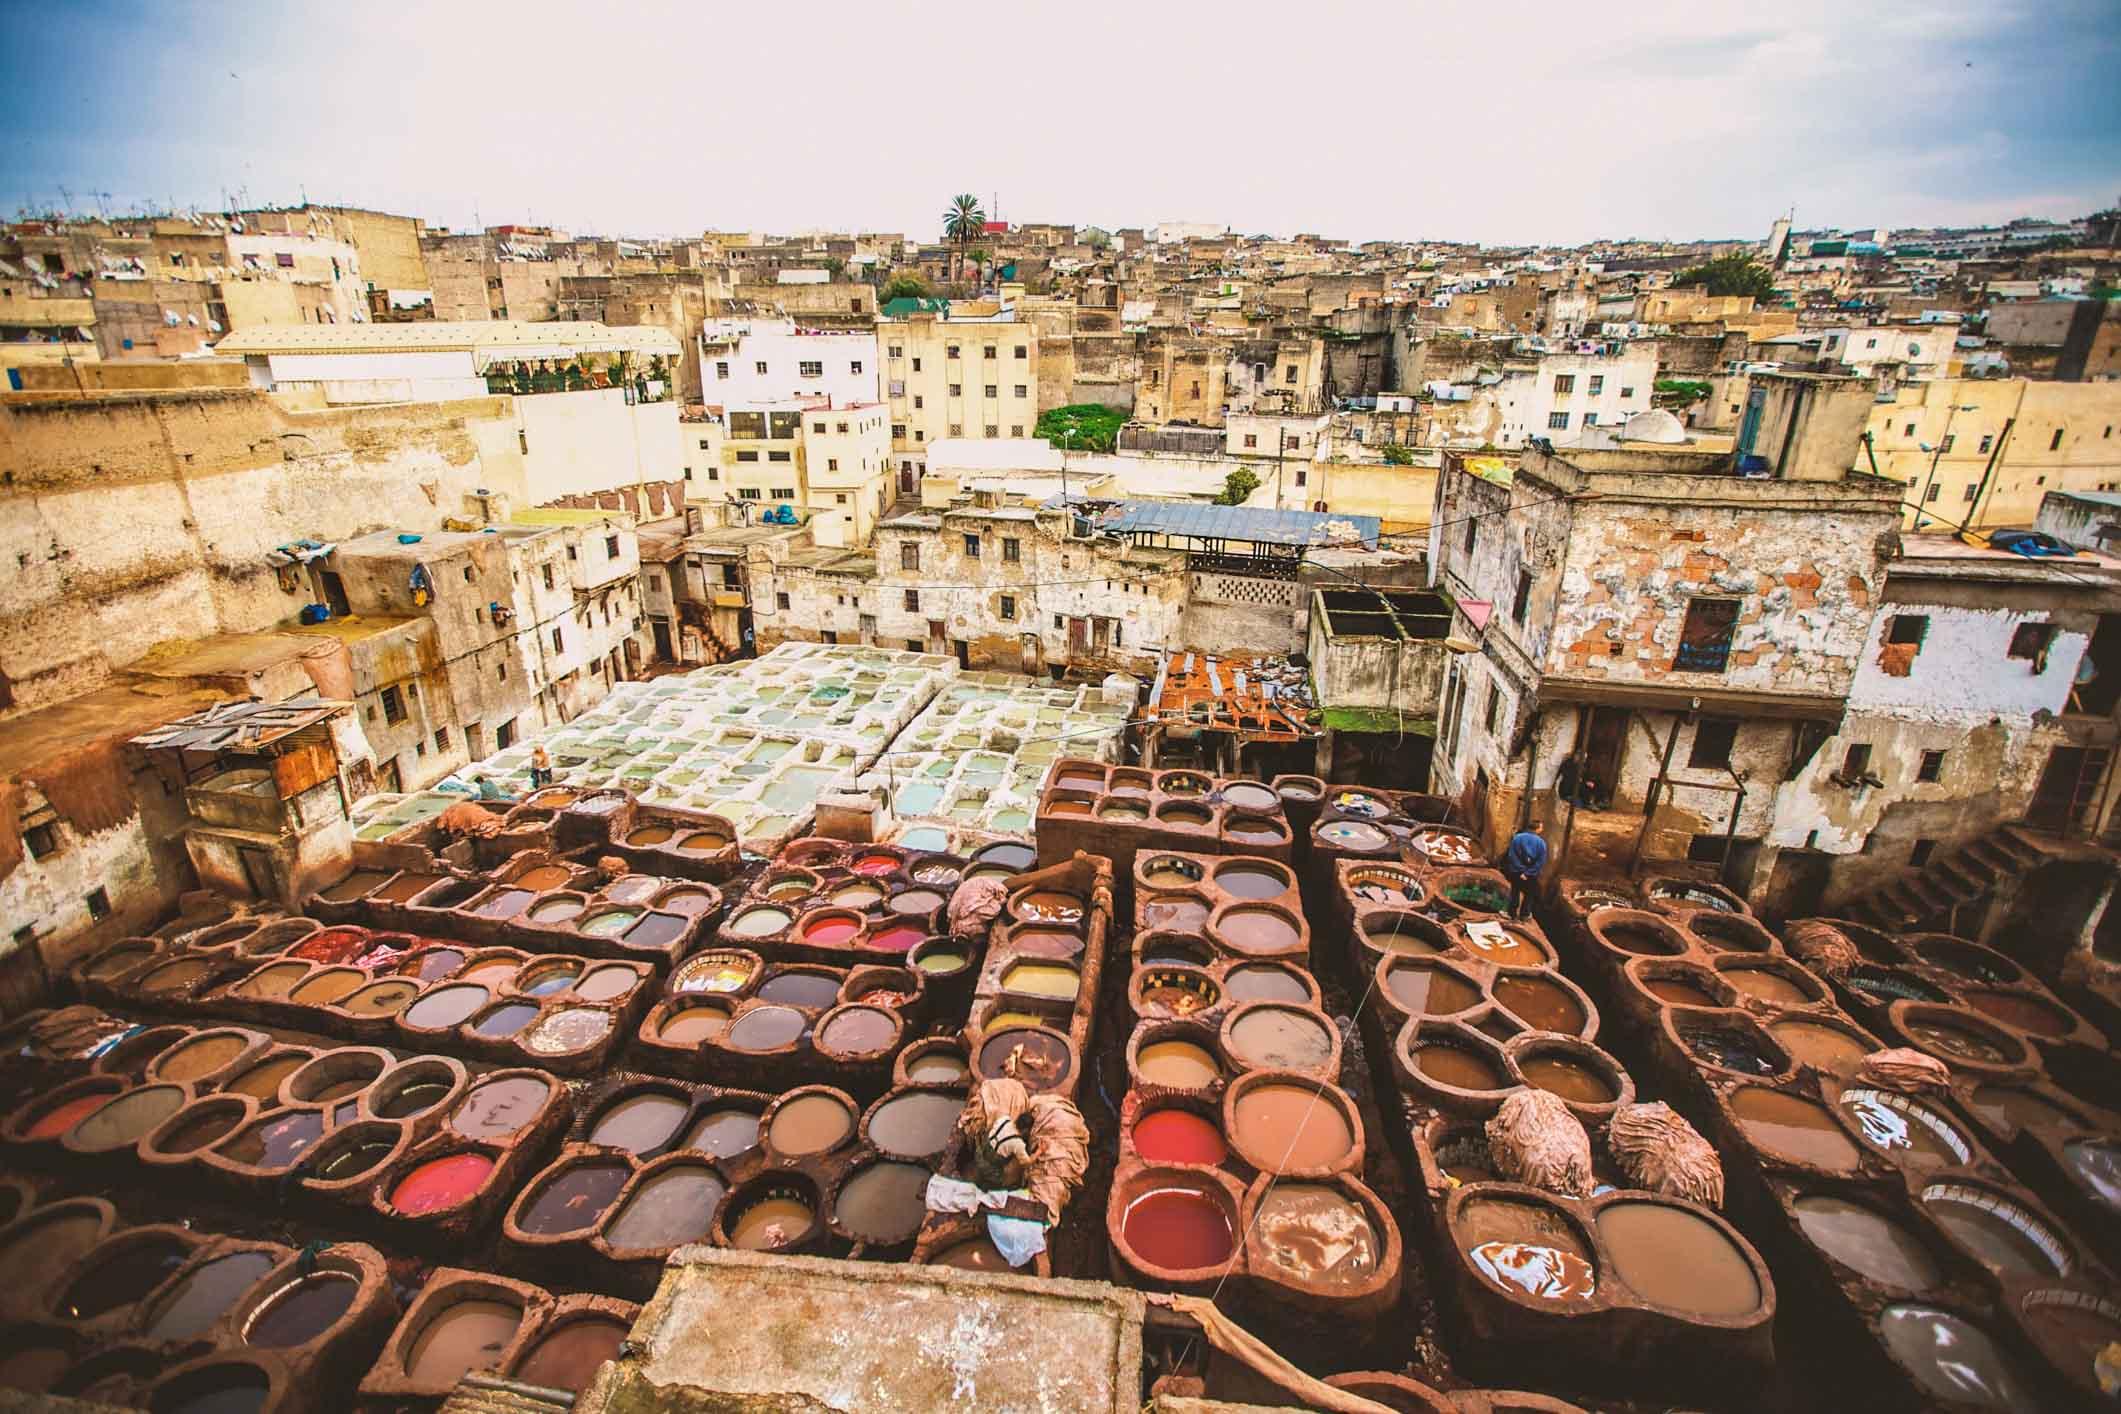 Fes Maroc - Les tanneries Chouara 01